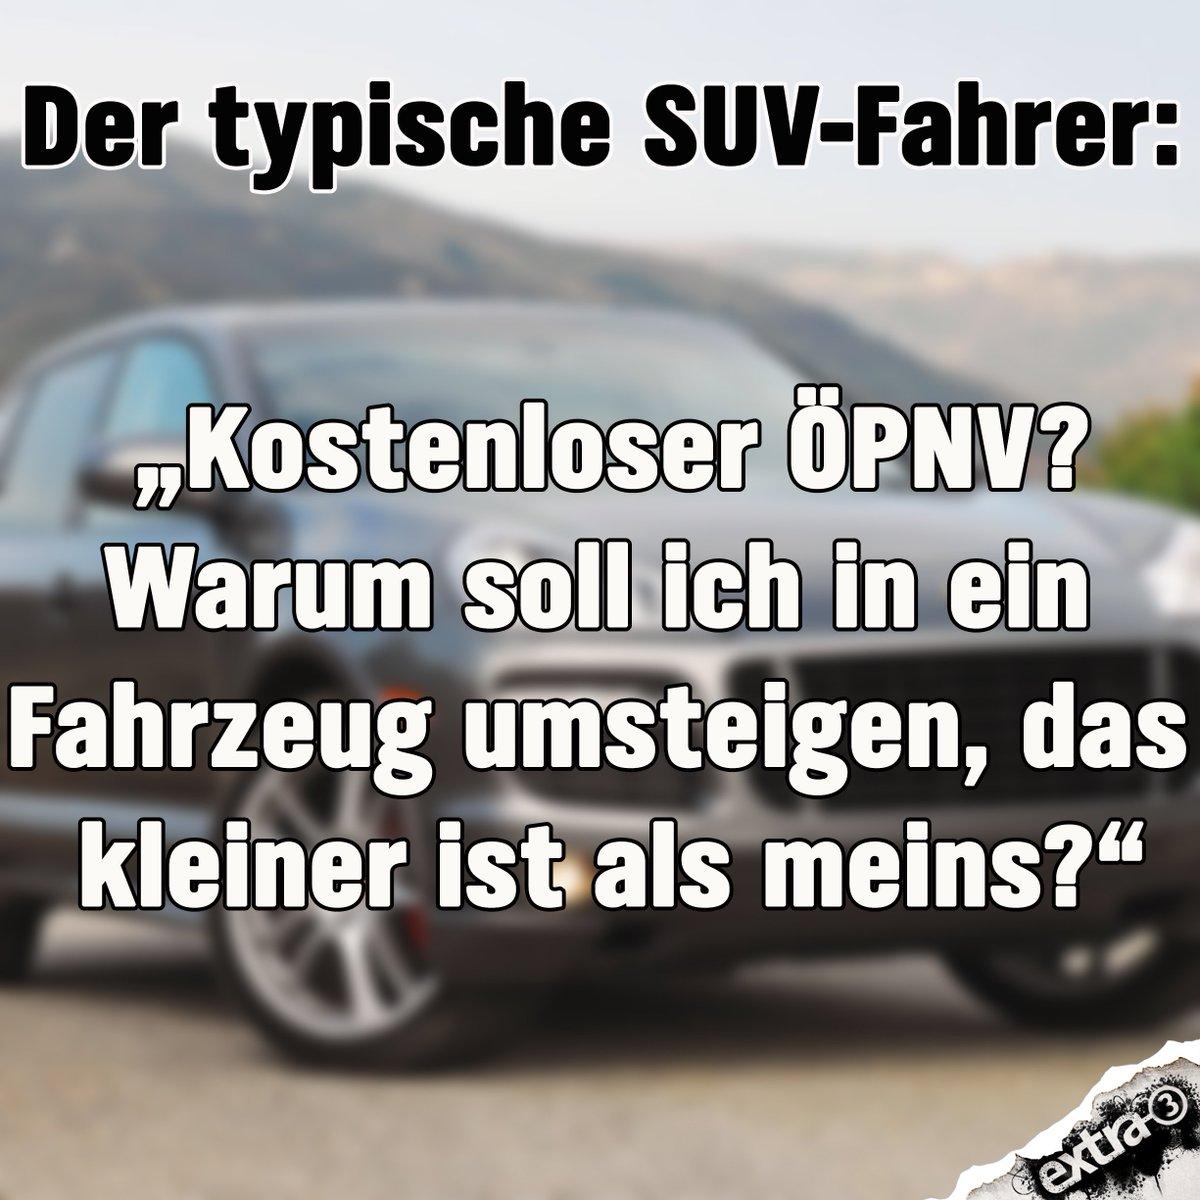 Das kann man den armen SUV-Fahrer echt nicht zumuten! #ÖPNV